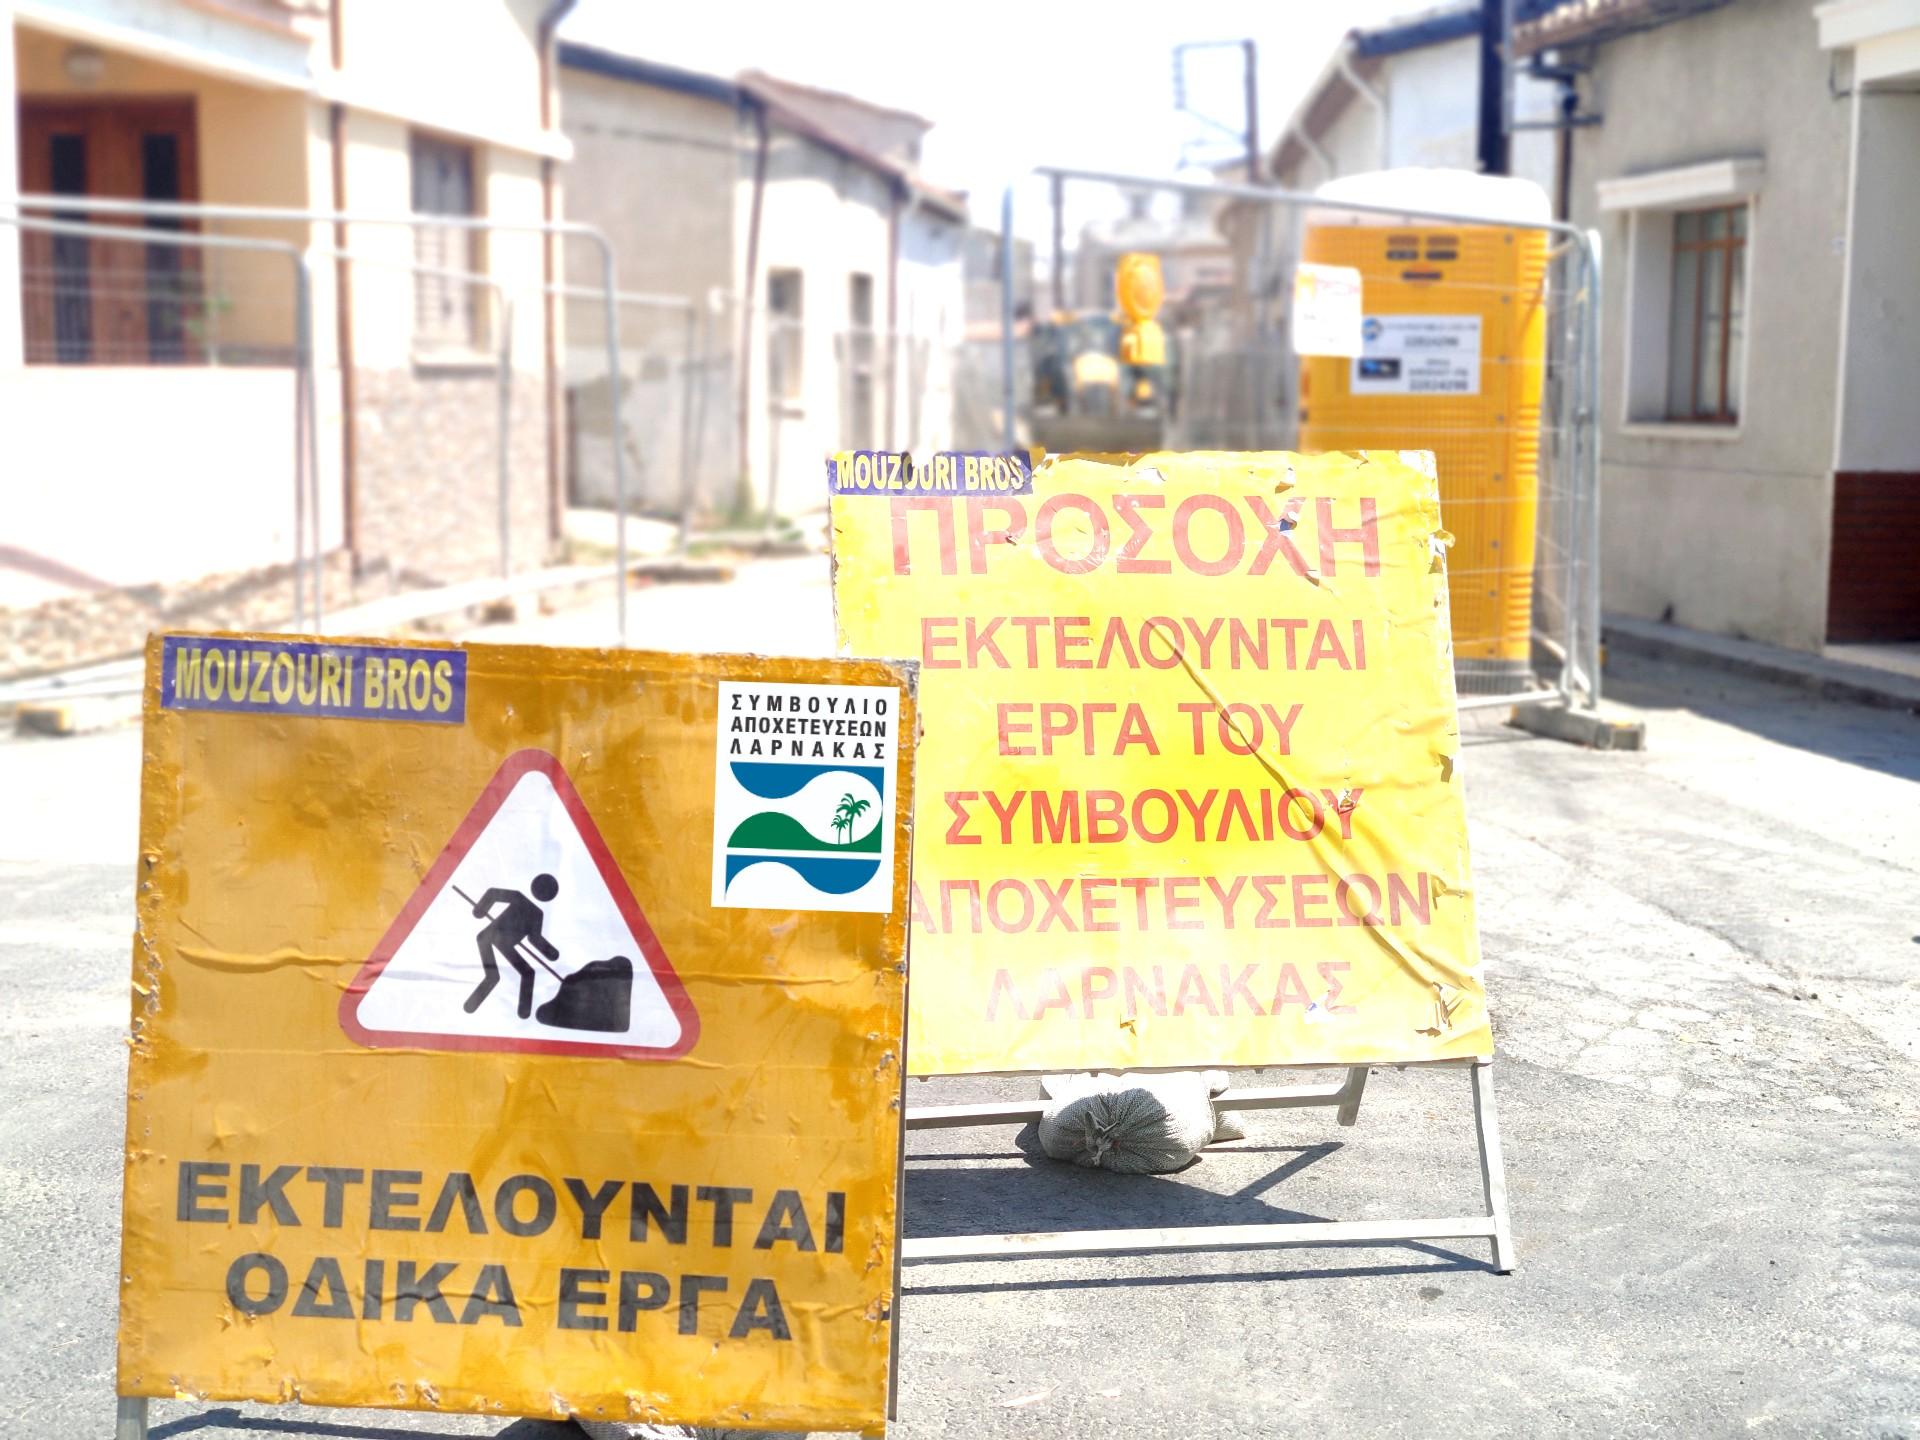 Λάρνακα: Δρόμοι κλείστοι λόγω κατασκευαστικών έργων